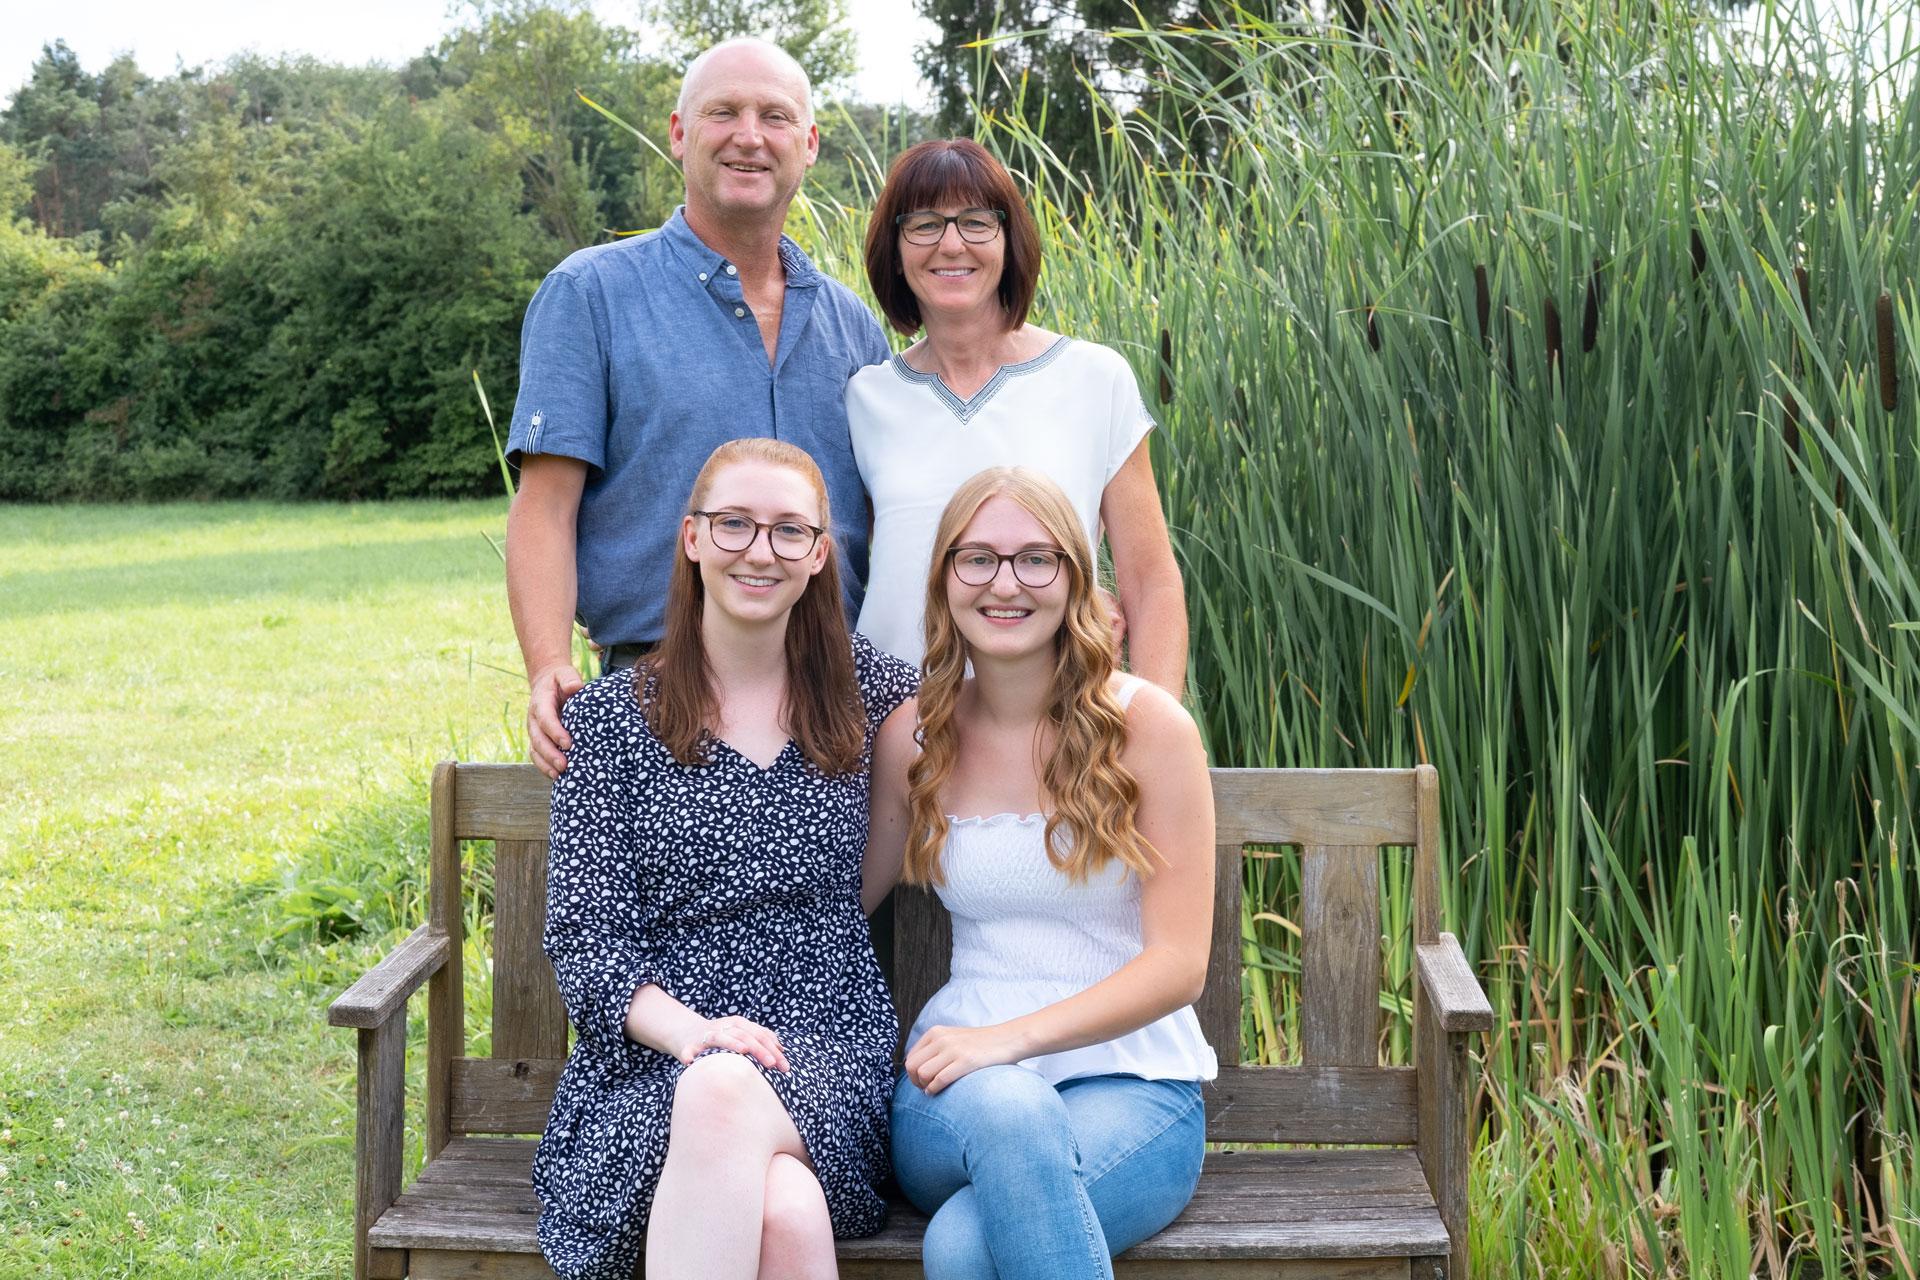 Familienbilder im Grünen und mit einer Bank Bamberg